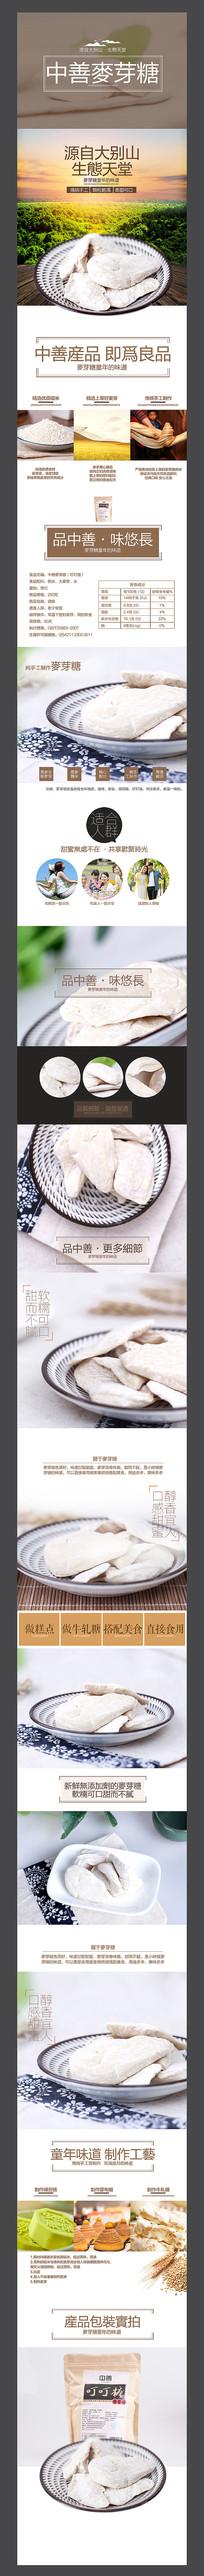 食品淘宝详情页设计